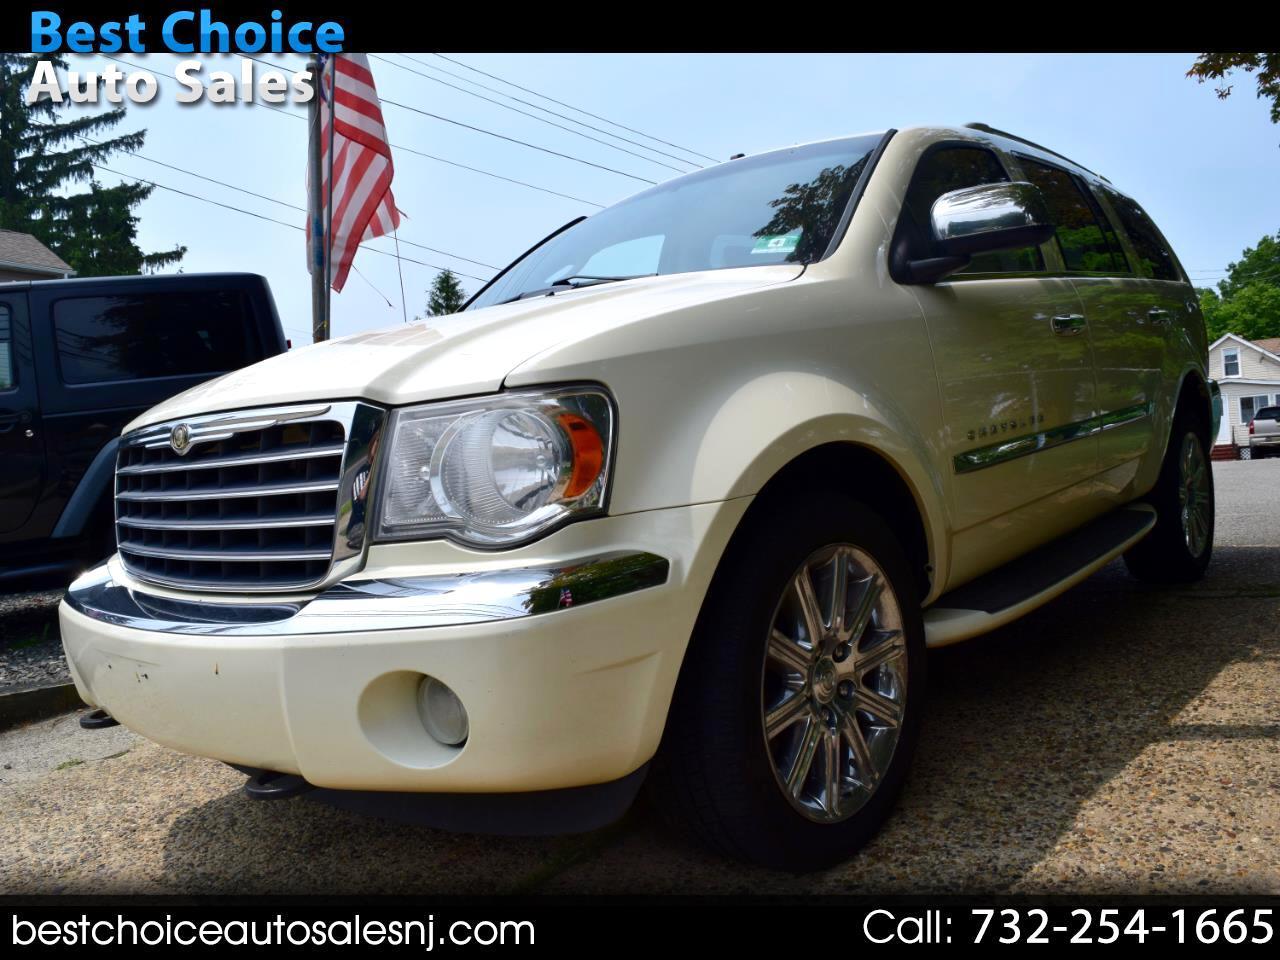 2009 Chrysler Aspen AWD 4dr Limited